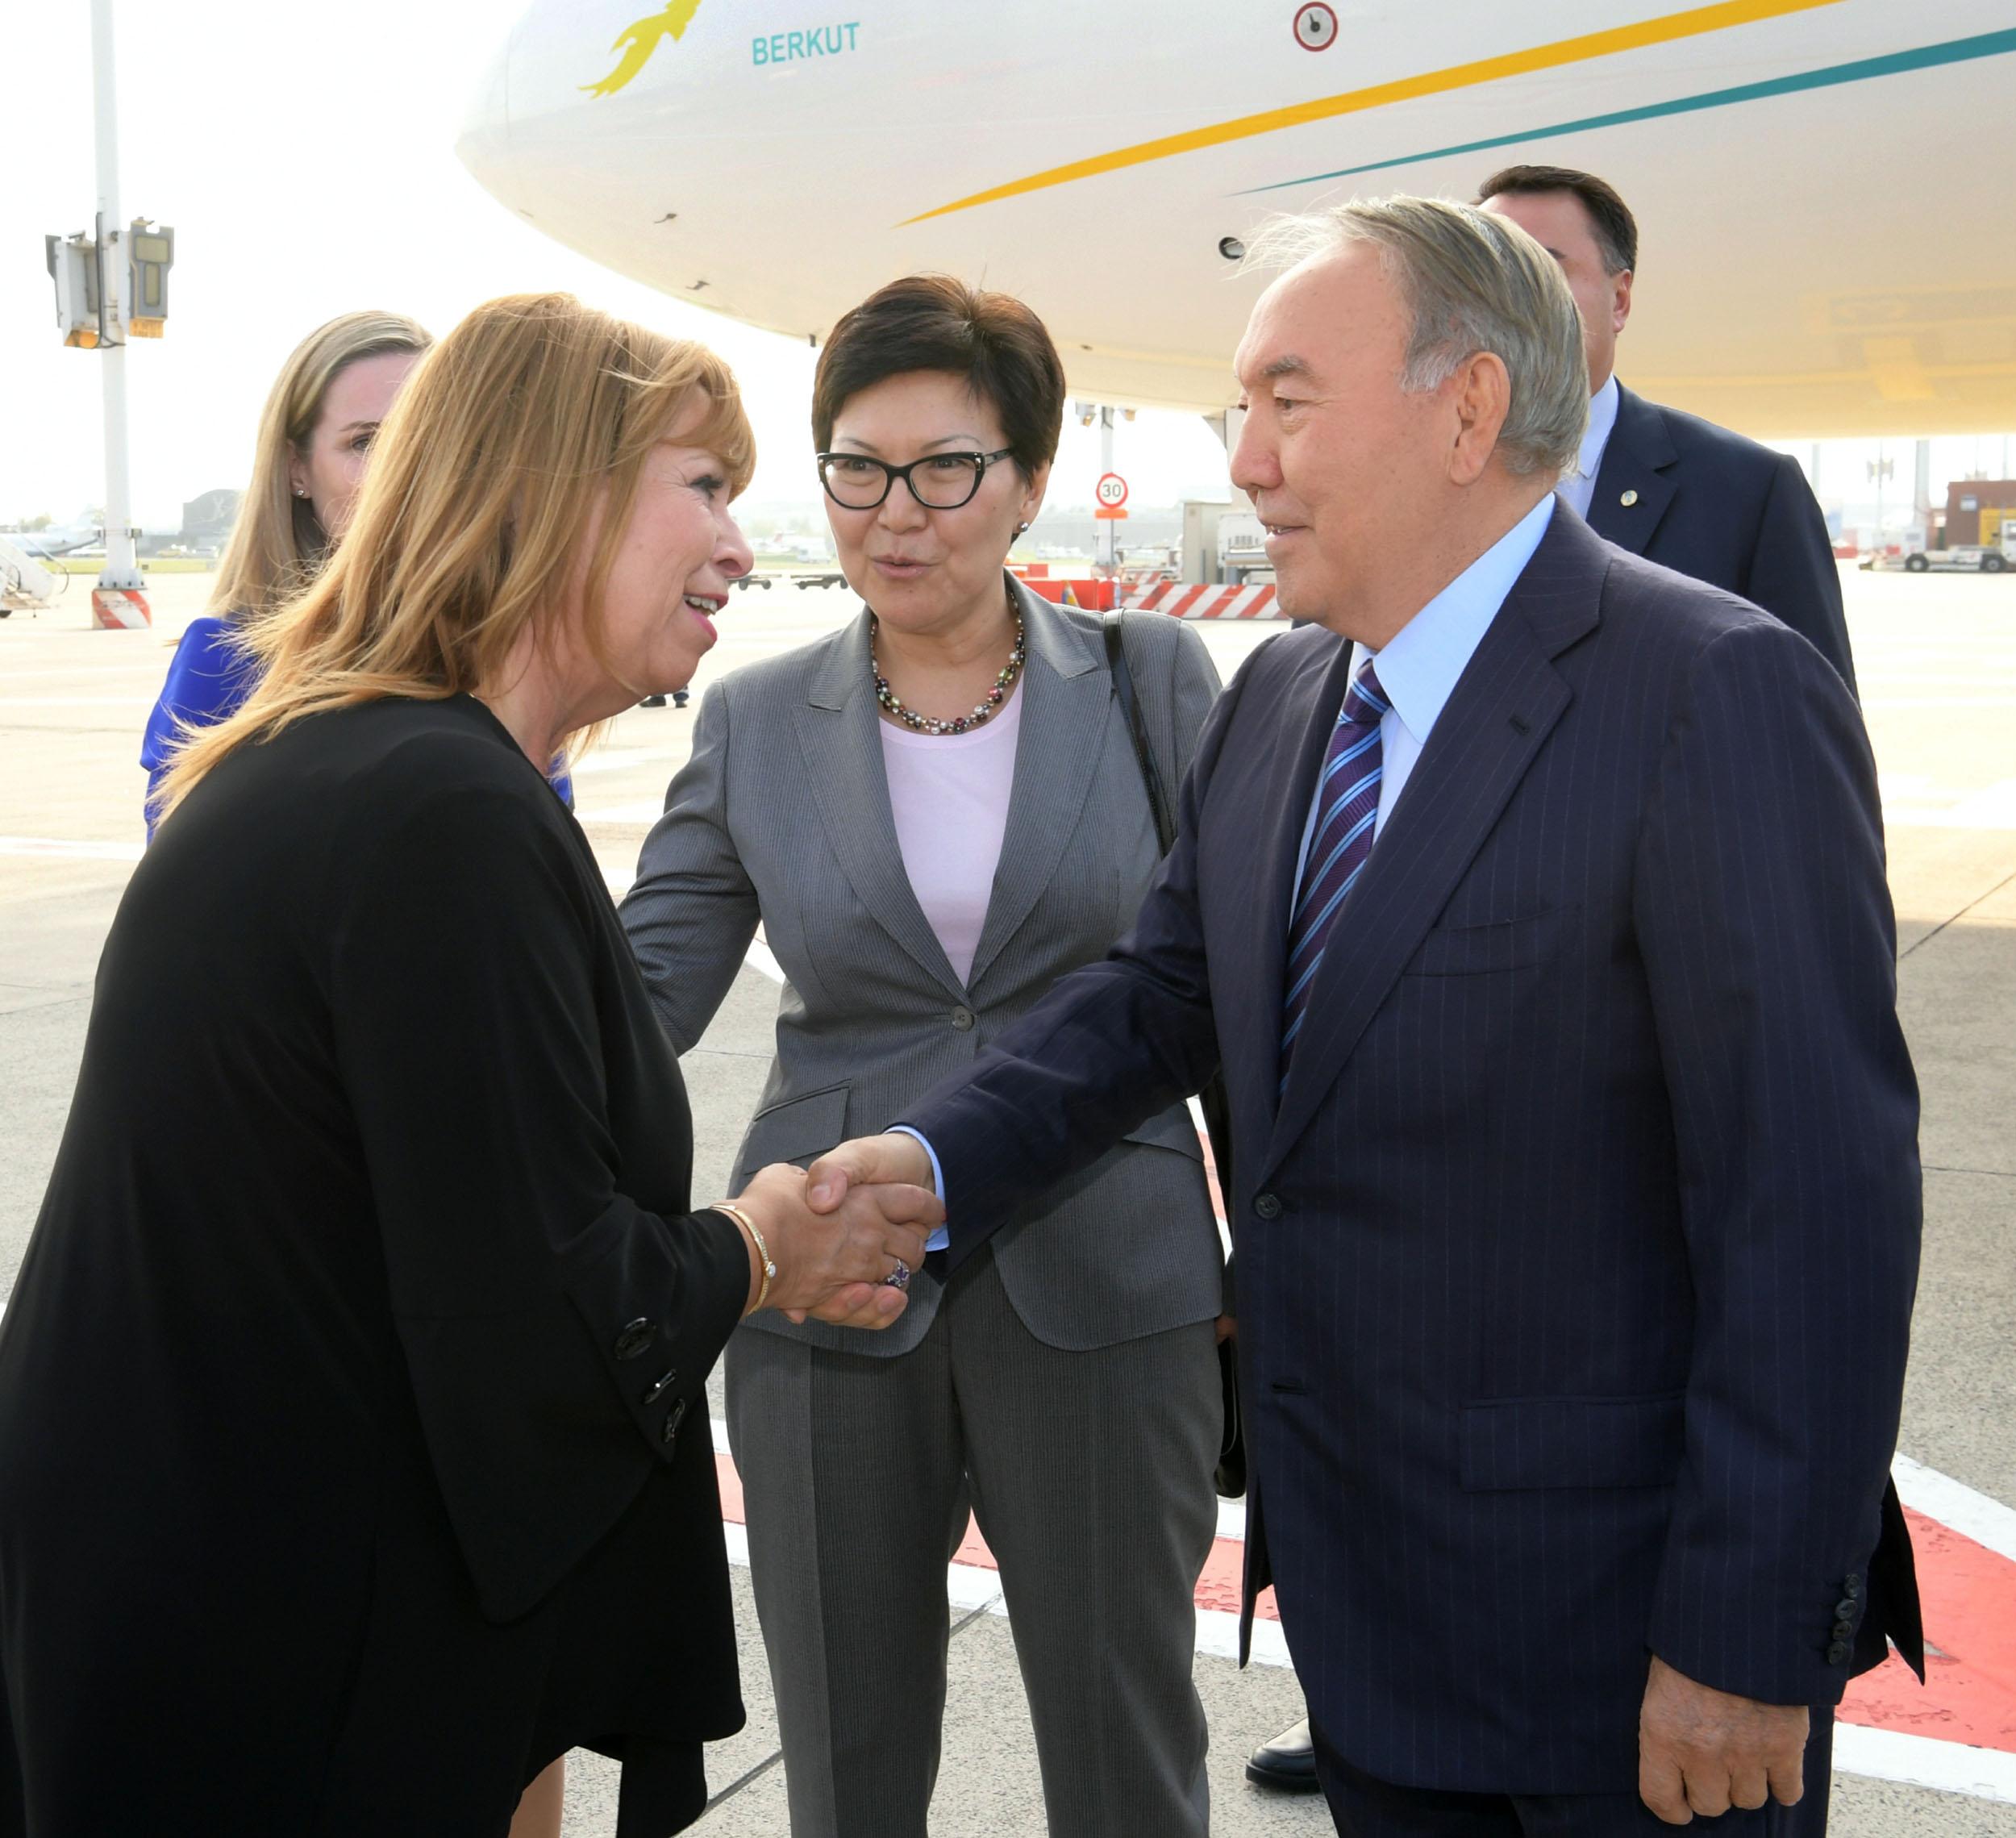 Нурсултан Назарбаев прибыл с визитом в Бельгию